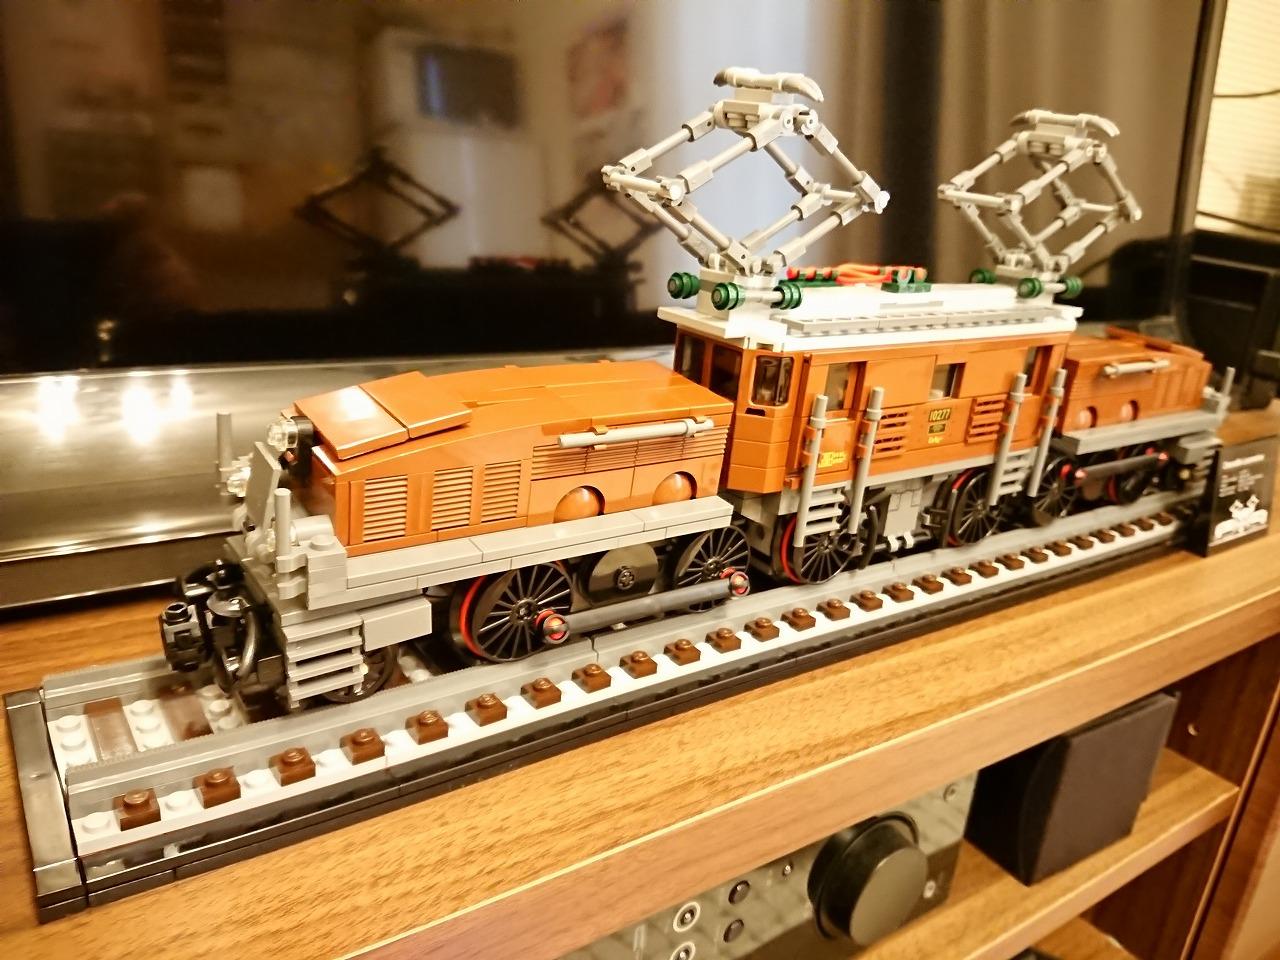 レゴ (LEGO) クリエイターエキスパート クロコダイル電気機関車 10277 を作ってみた(その3)~完成~